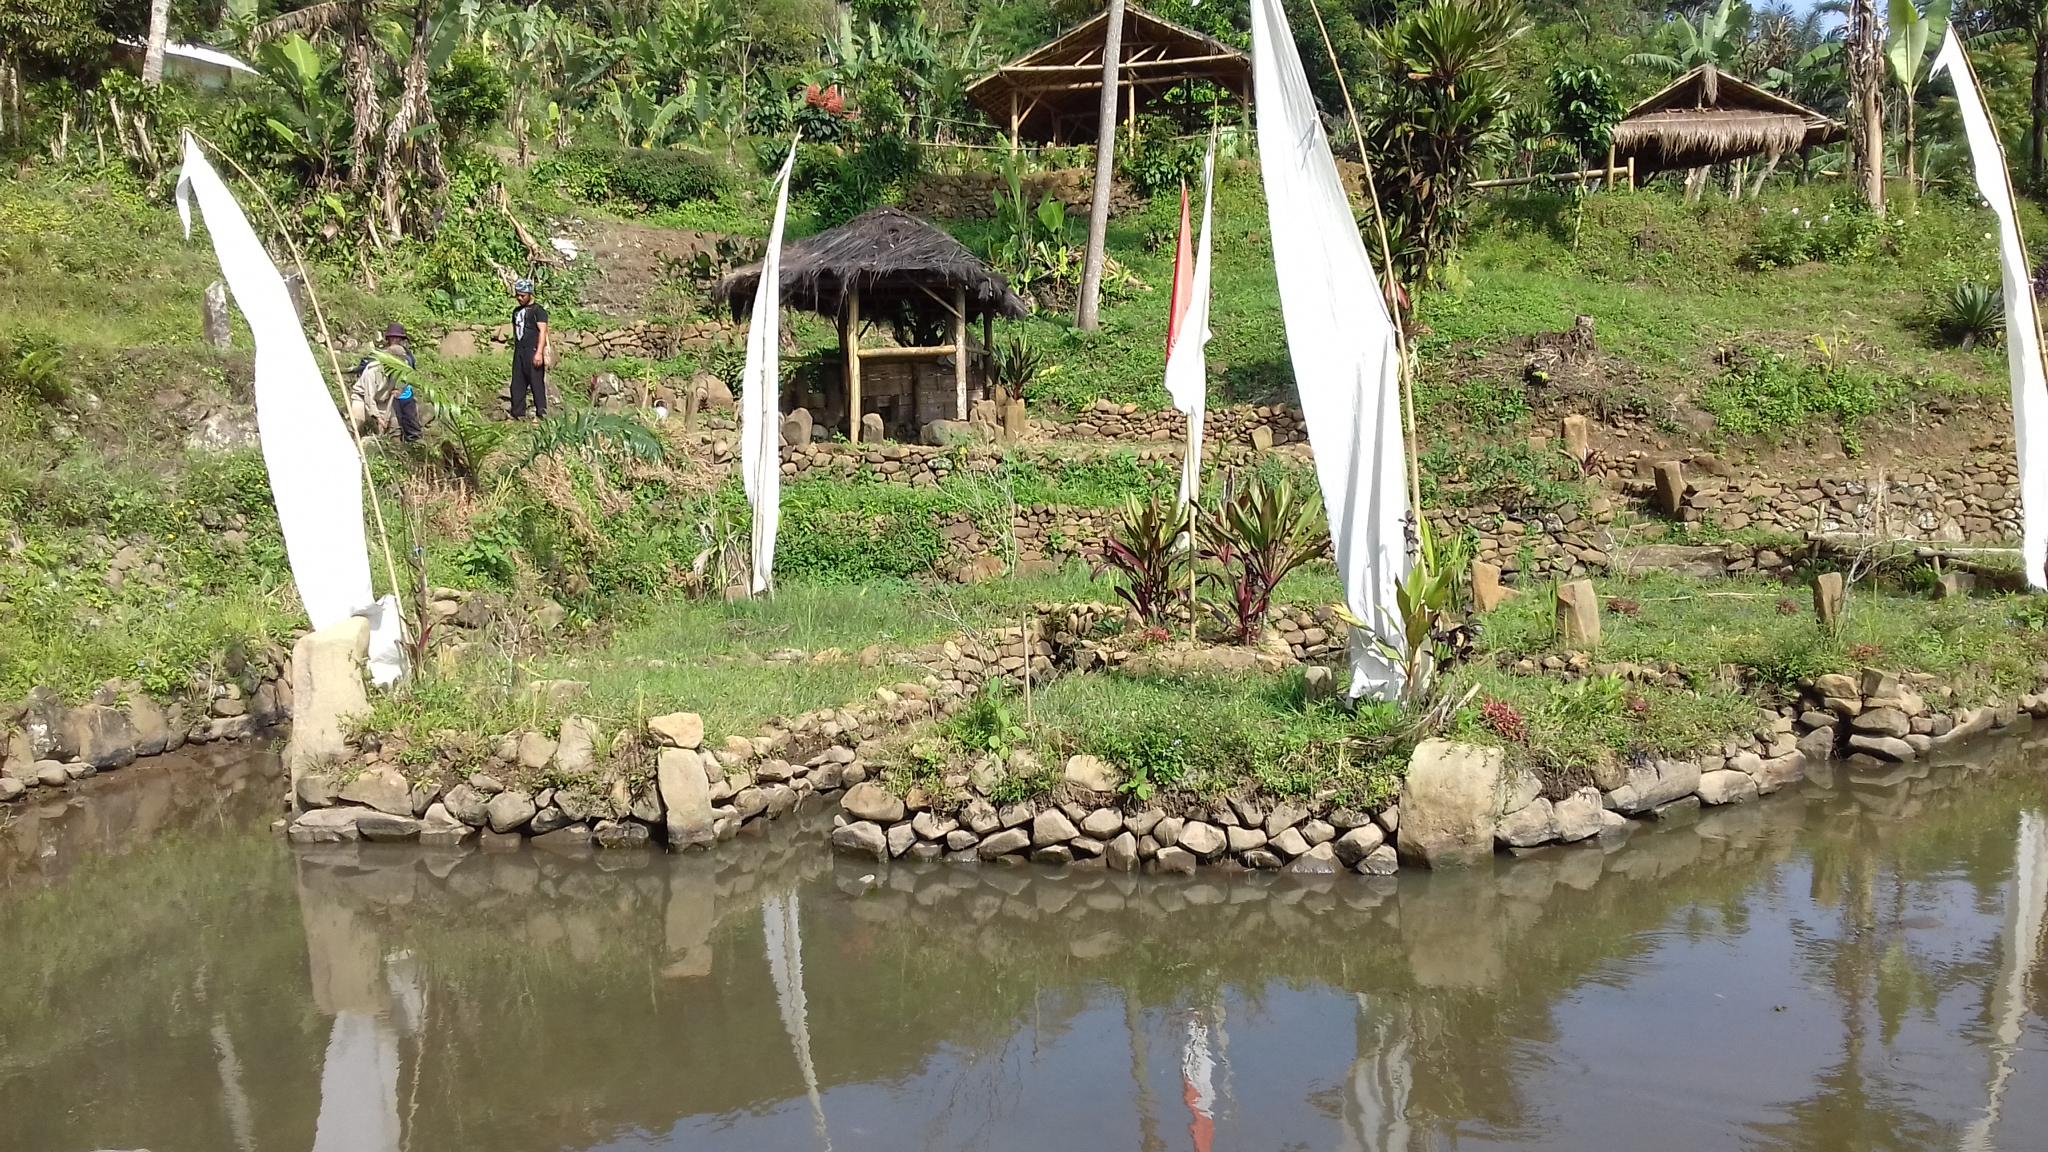 Kolam kuno dengan sumber mata air  di bukit dekat situs Gunung Padang.